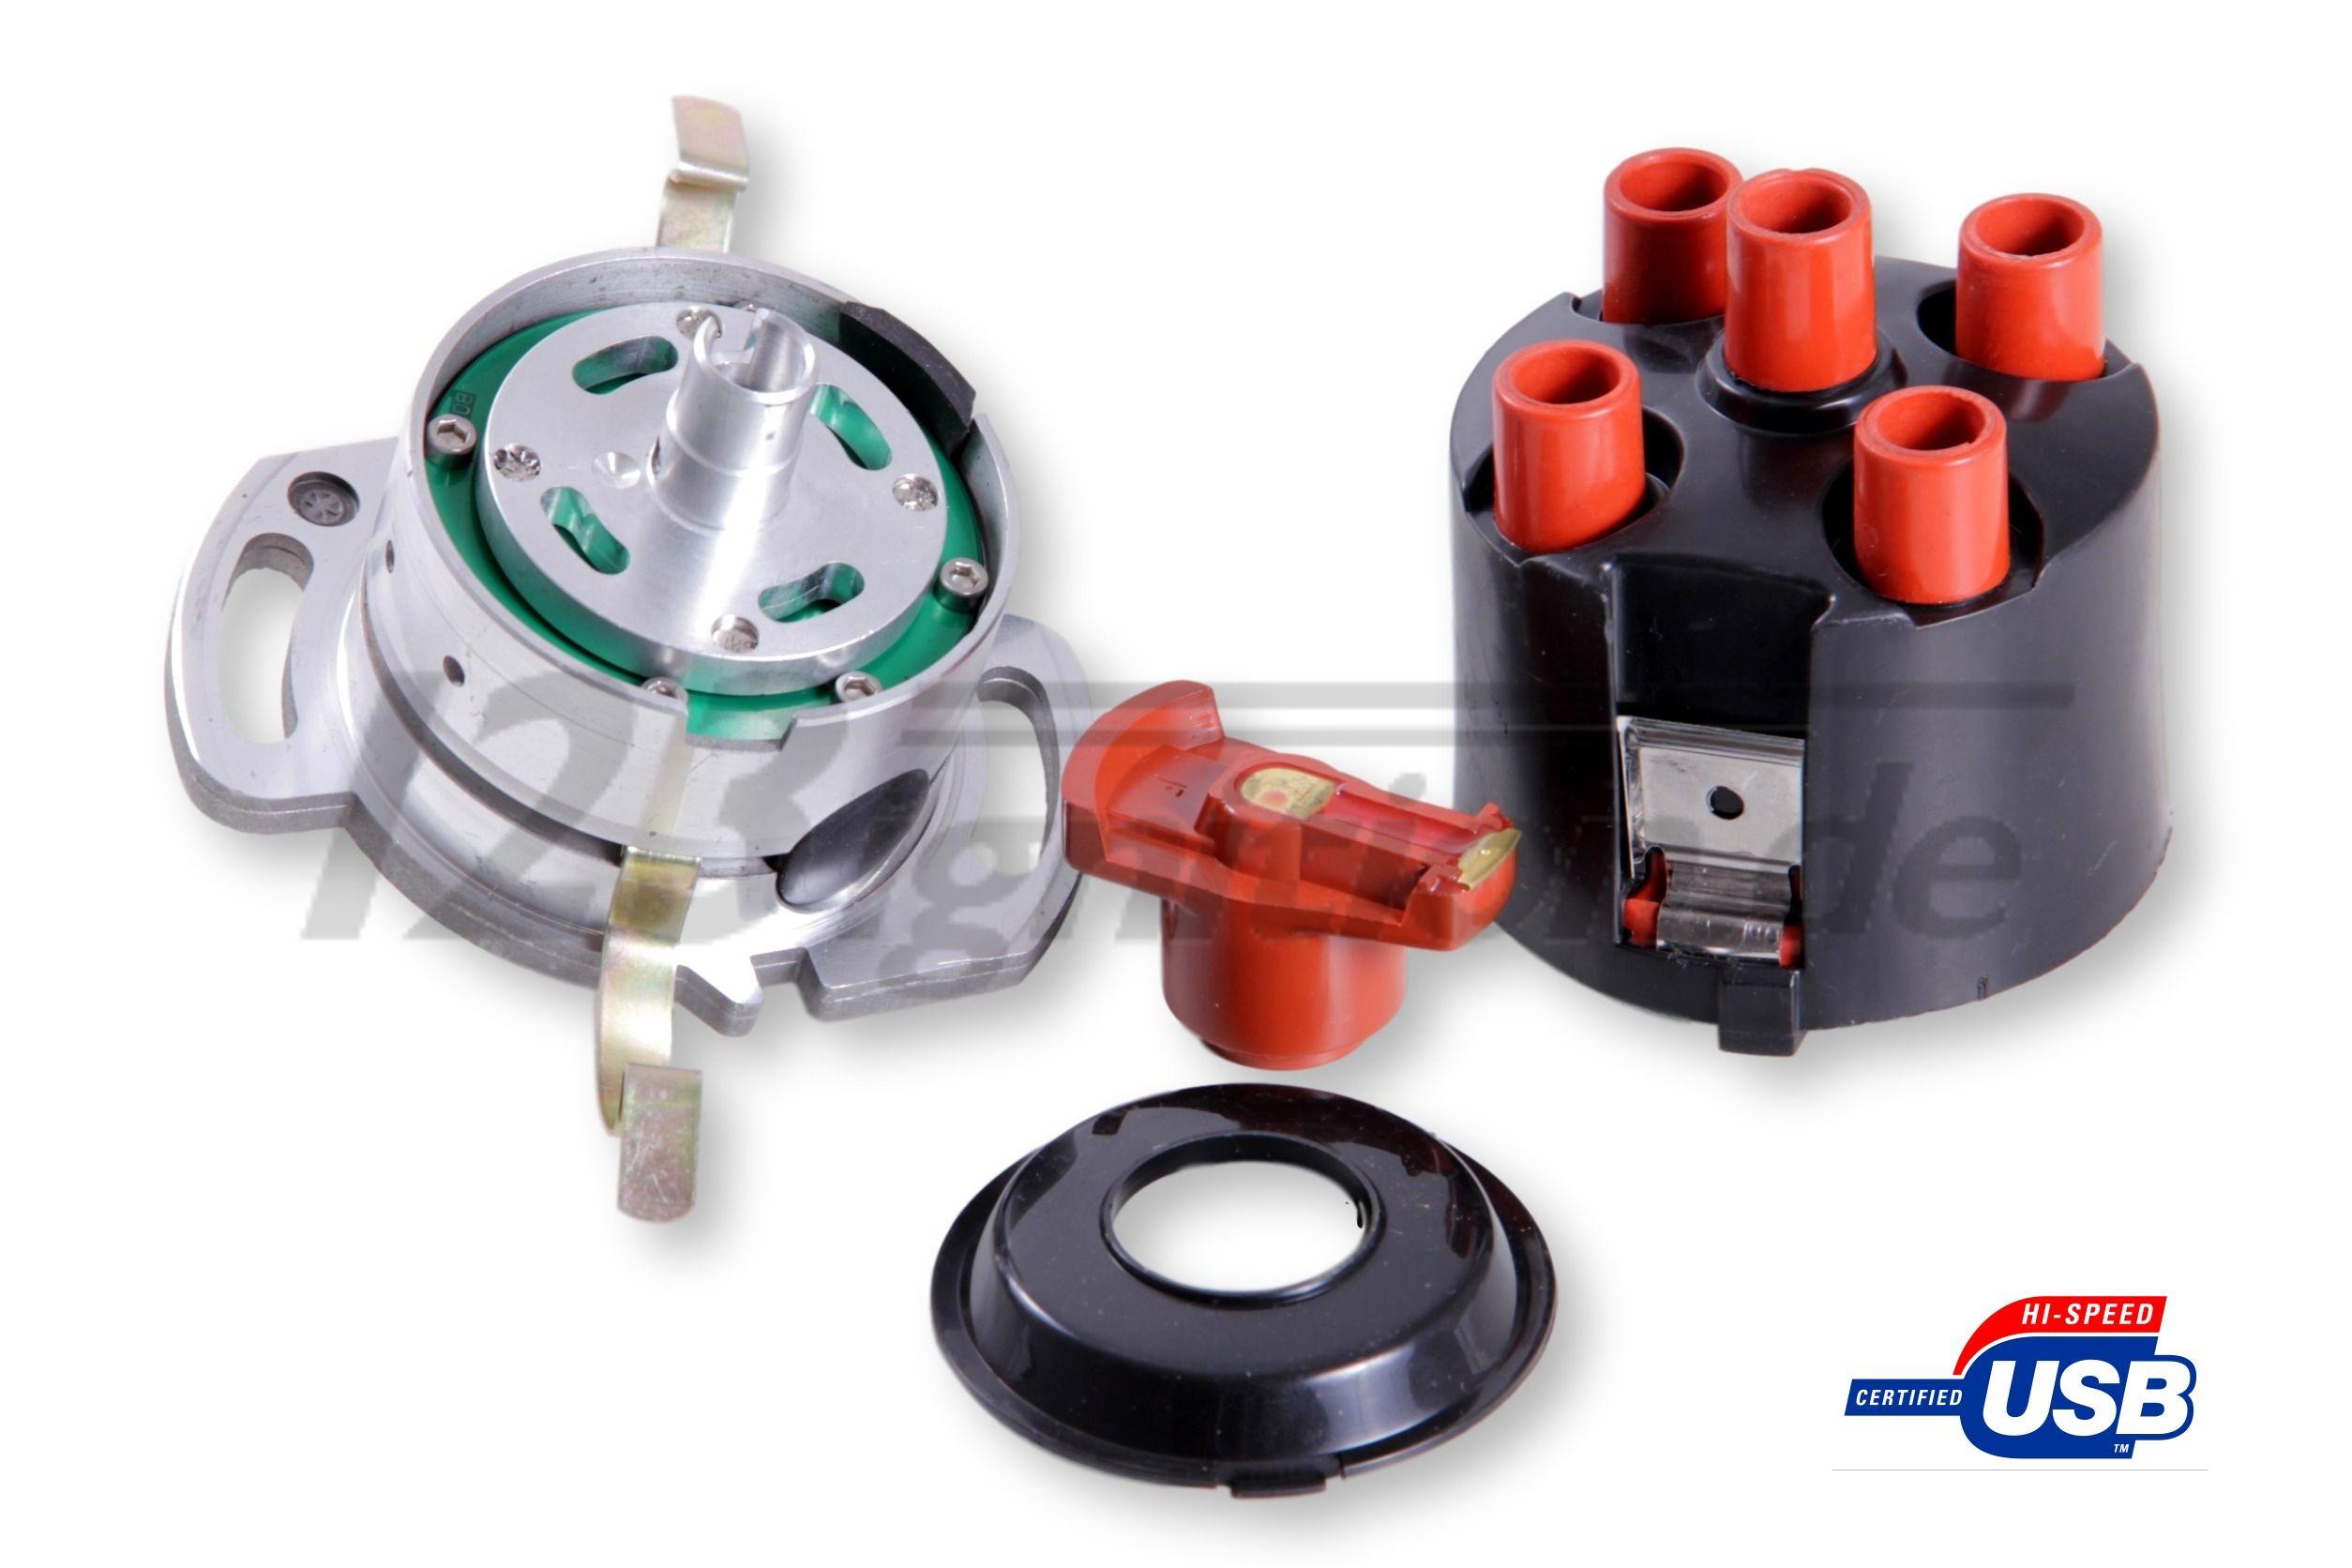 123\TUNE USB ontsteking verdeler voor Golf II Seat Passat Scirocco 16V illustratie 4